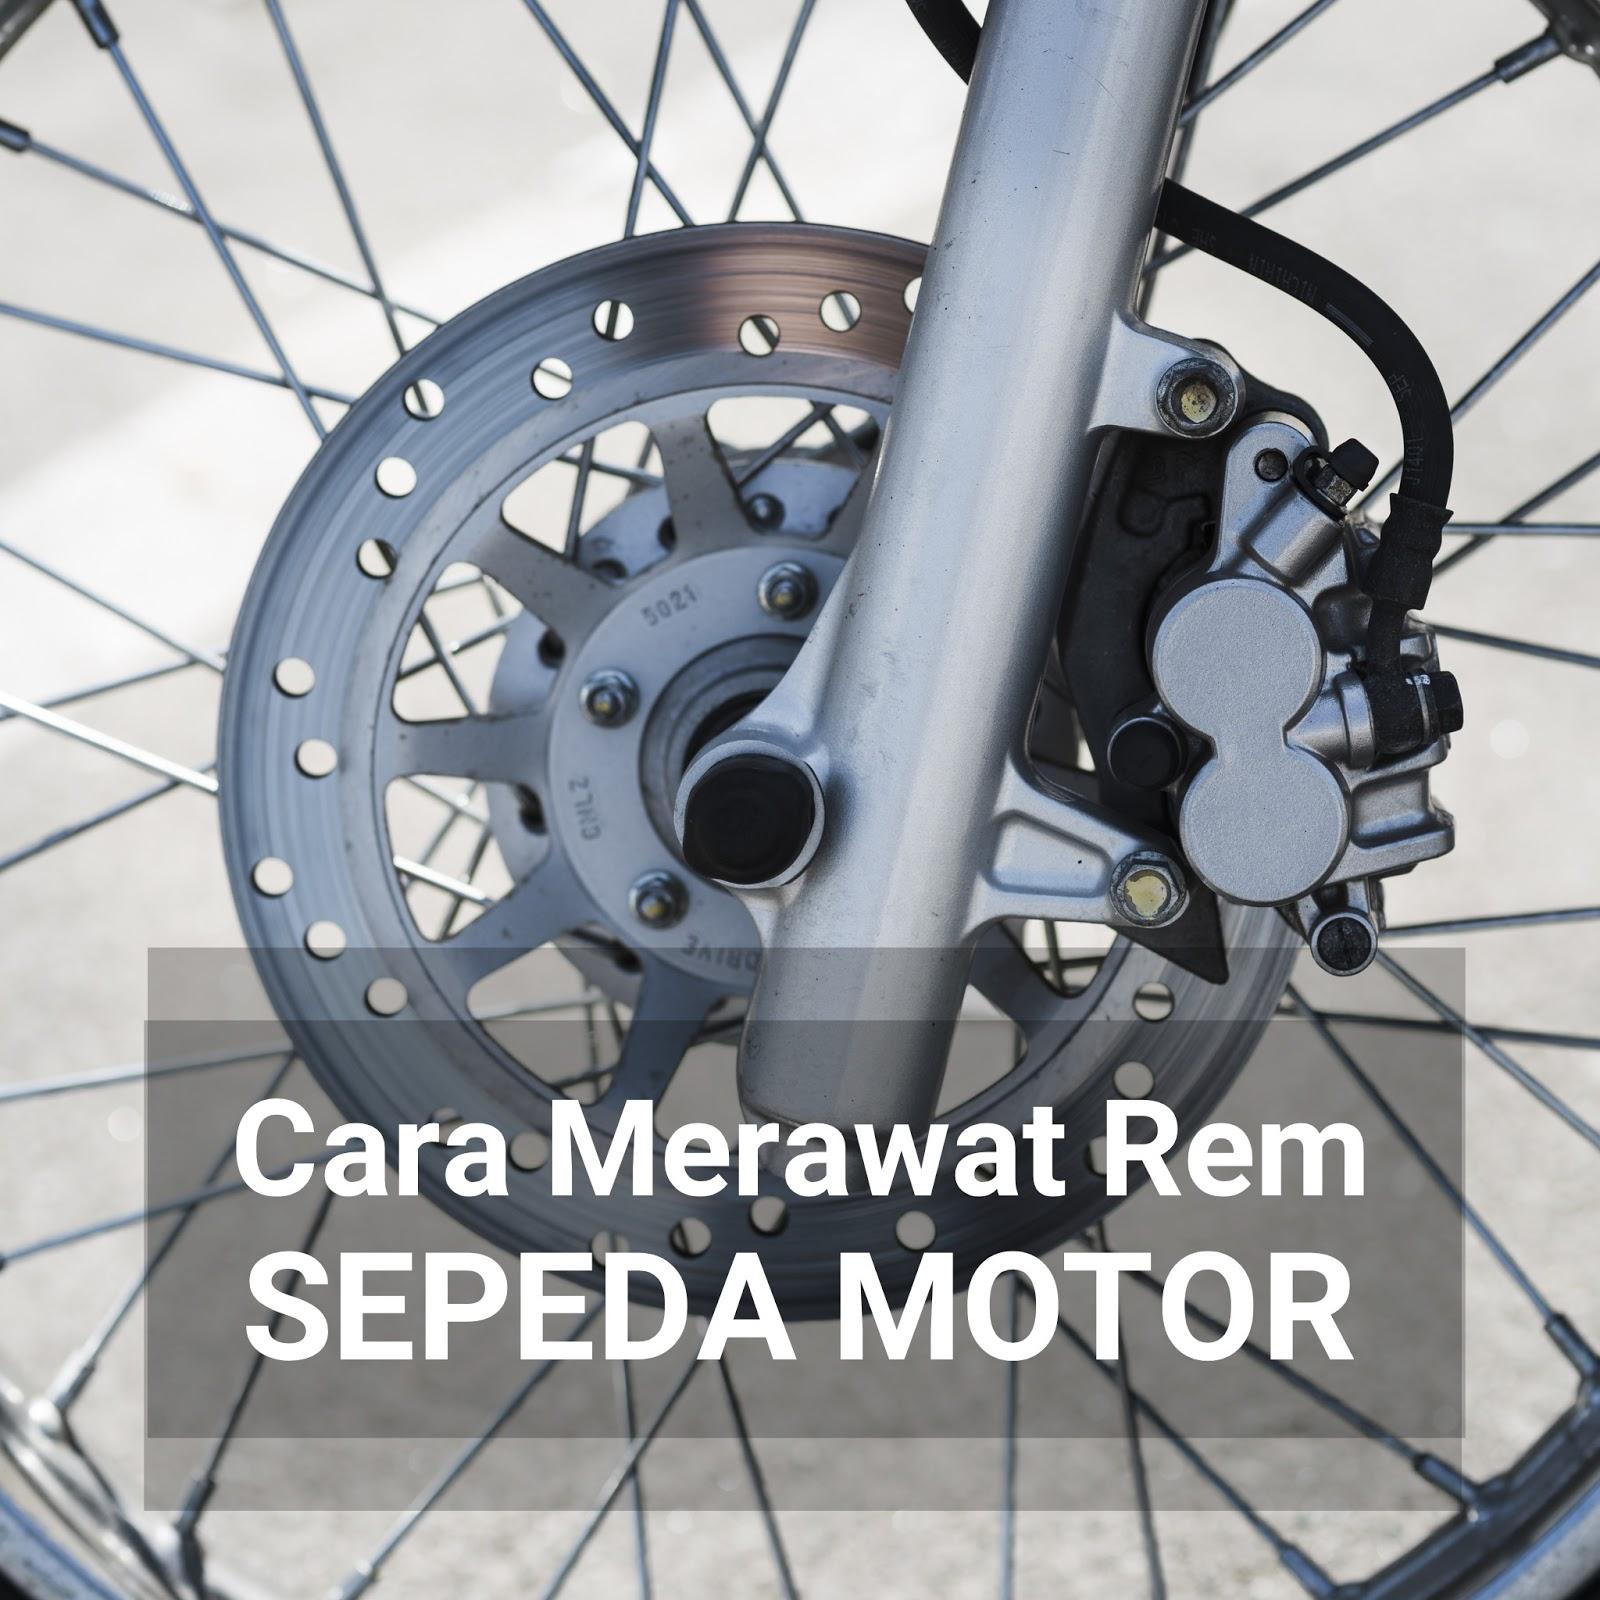 Cara merawat rem sepeda motor